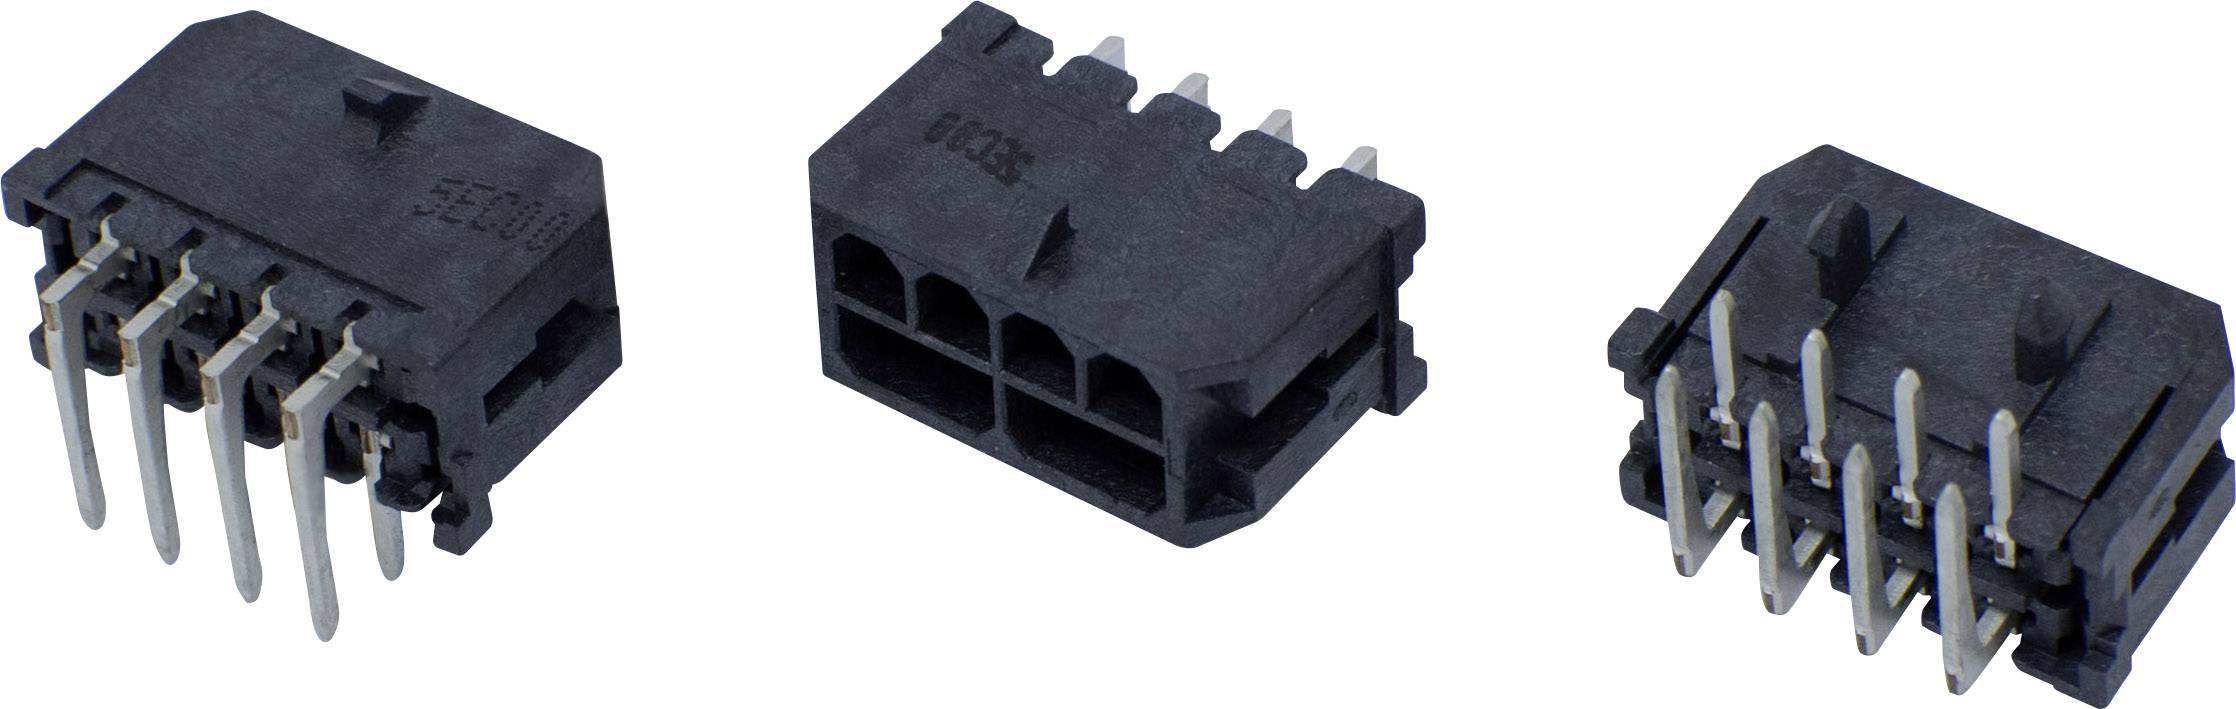 Pinová lišta (štandardná) BellWether 70095-0808, pólů 8, rozteč 3 mm, 1 ks